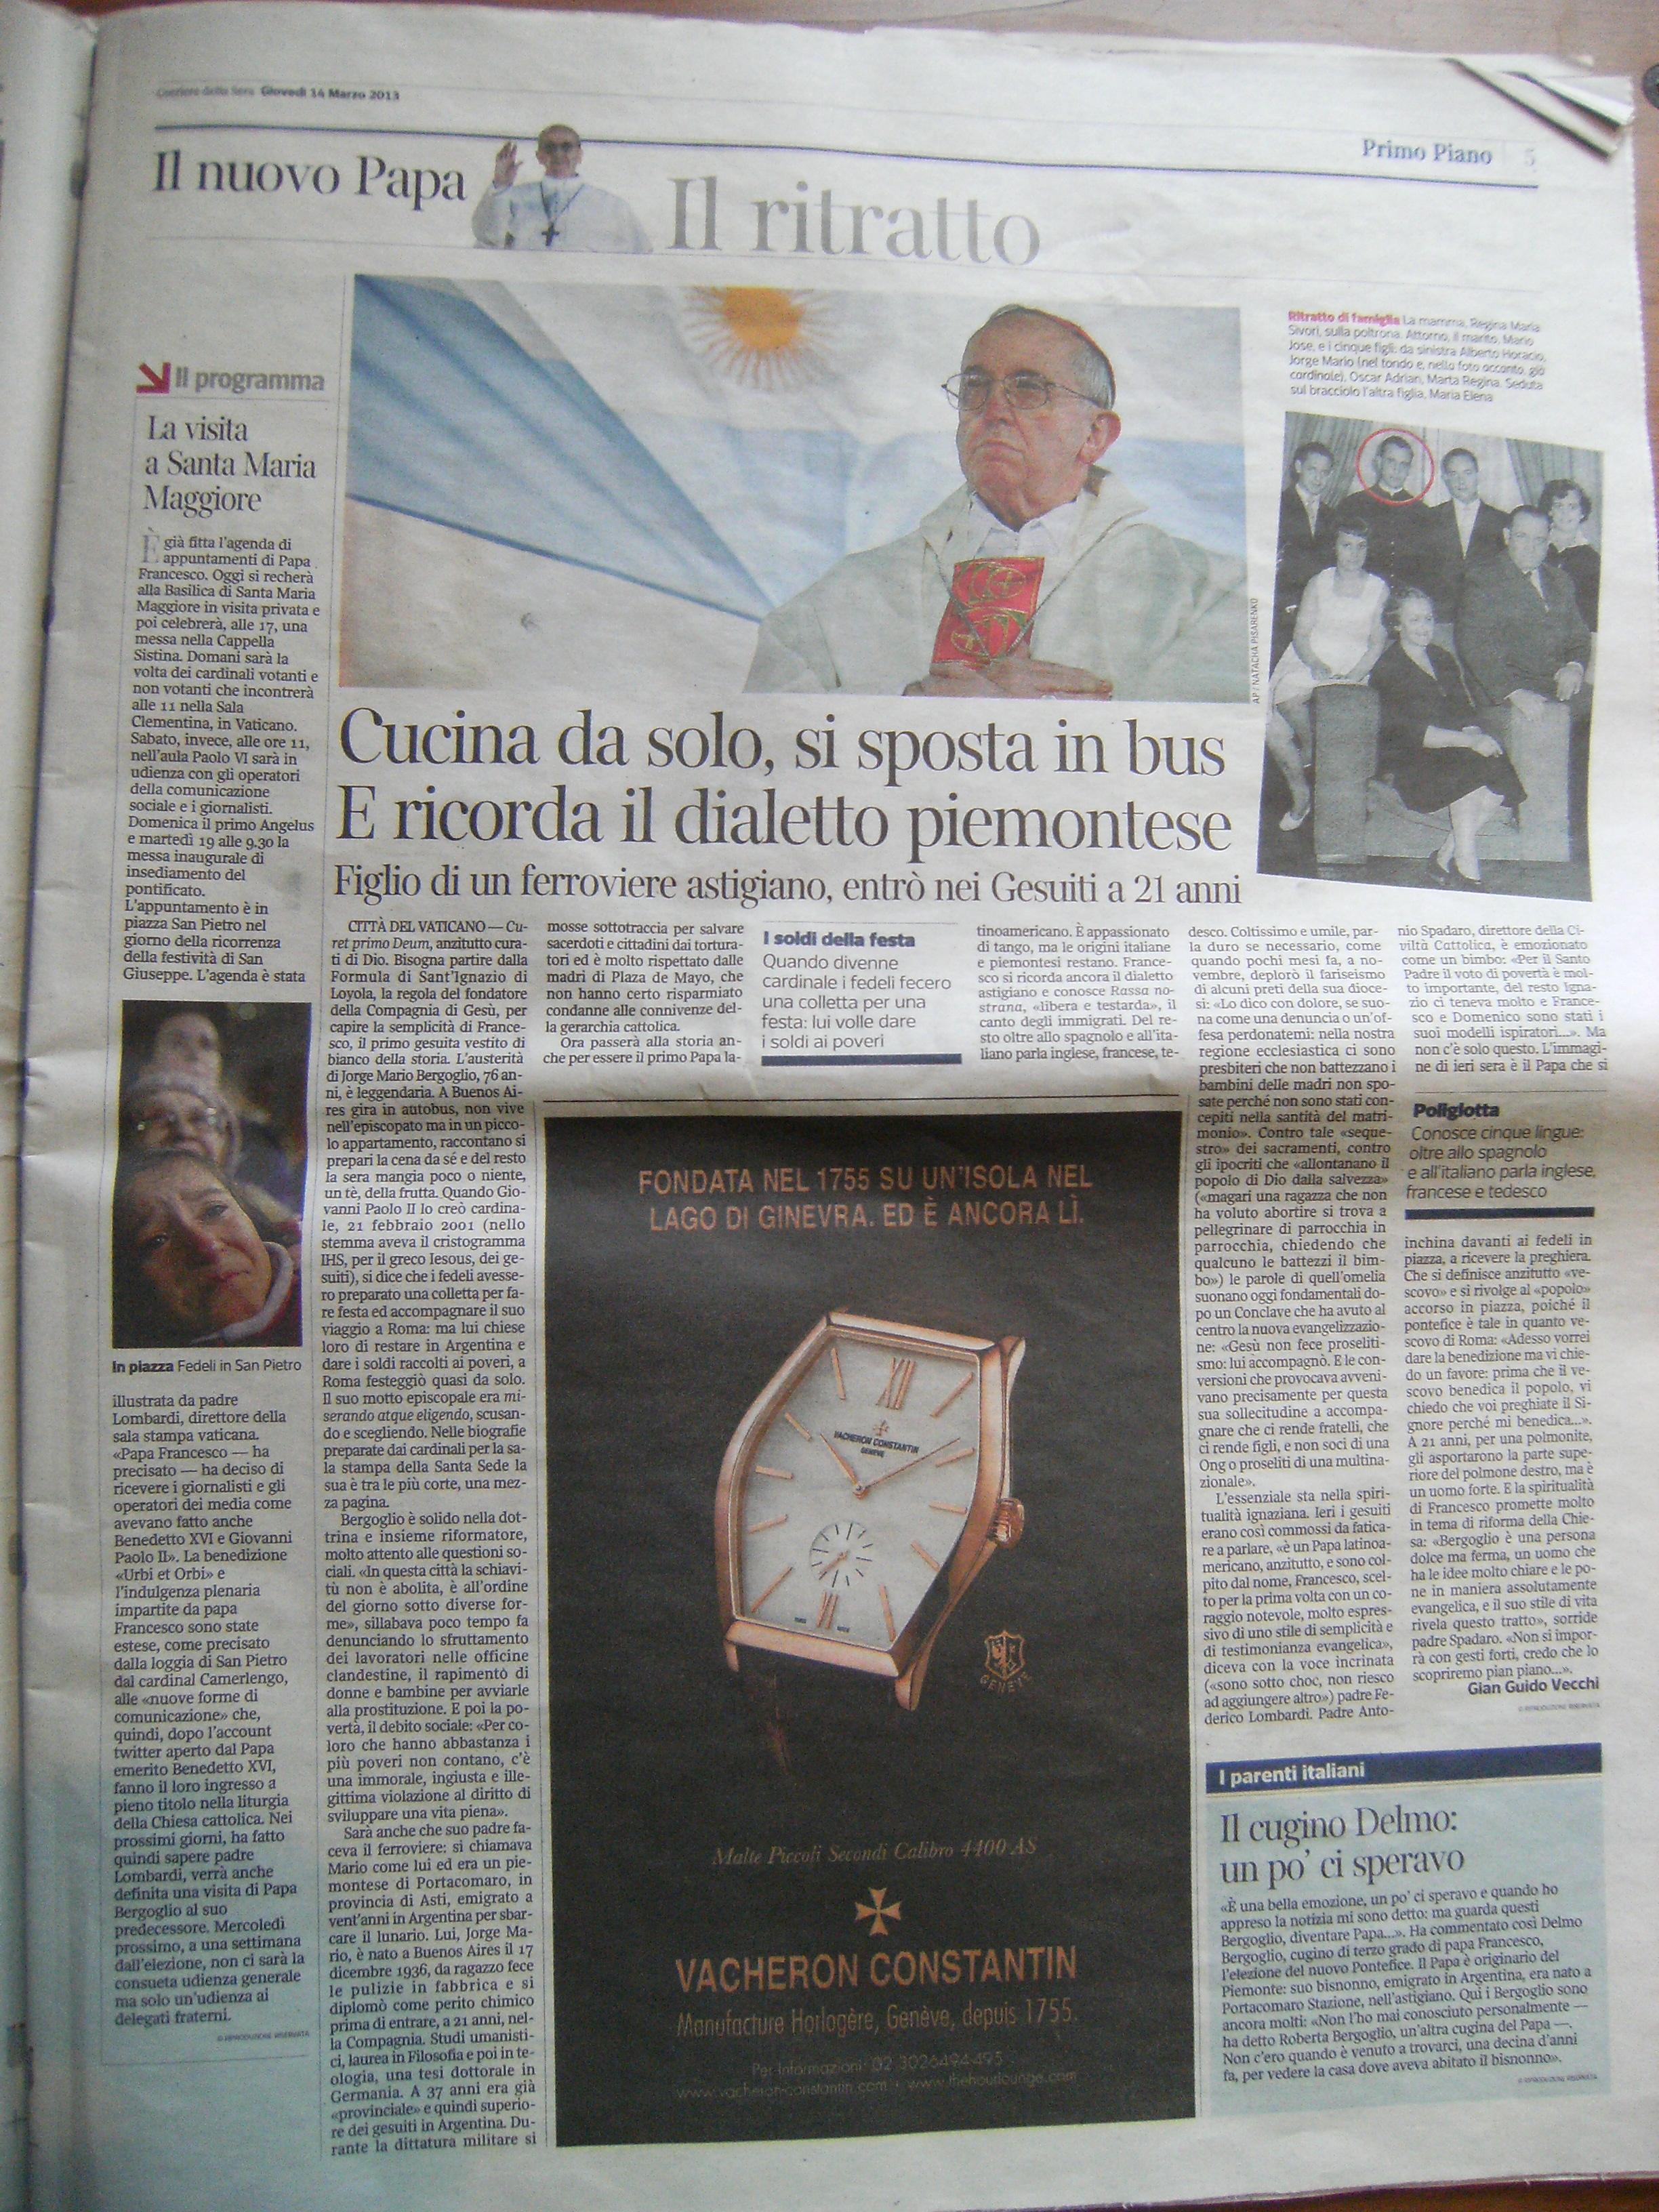 pagina 8 pagina 9 pagina 10 pagina 11 pagina 12 pagina 13 pagina 15 pagina 16 pagina 17